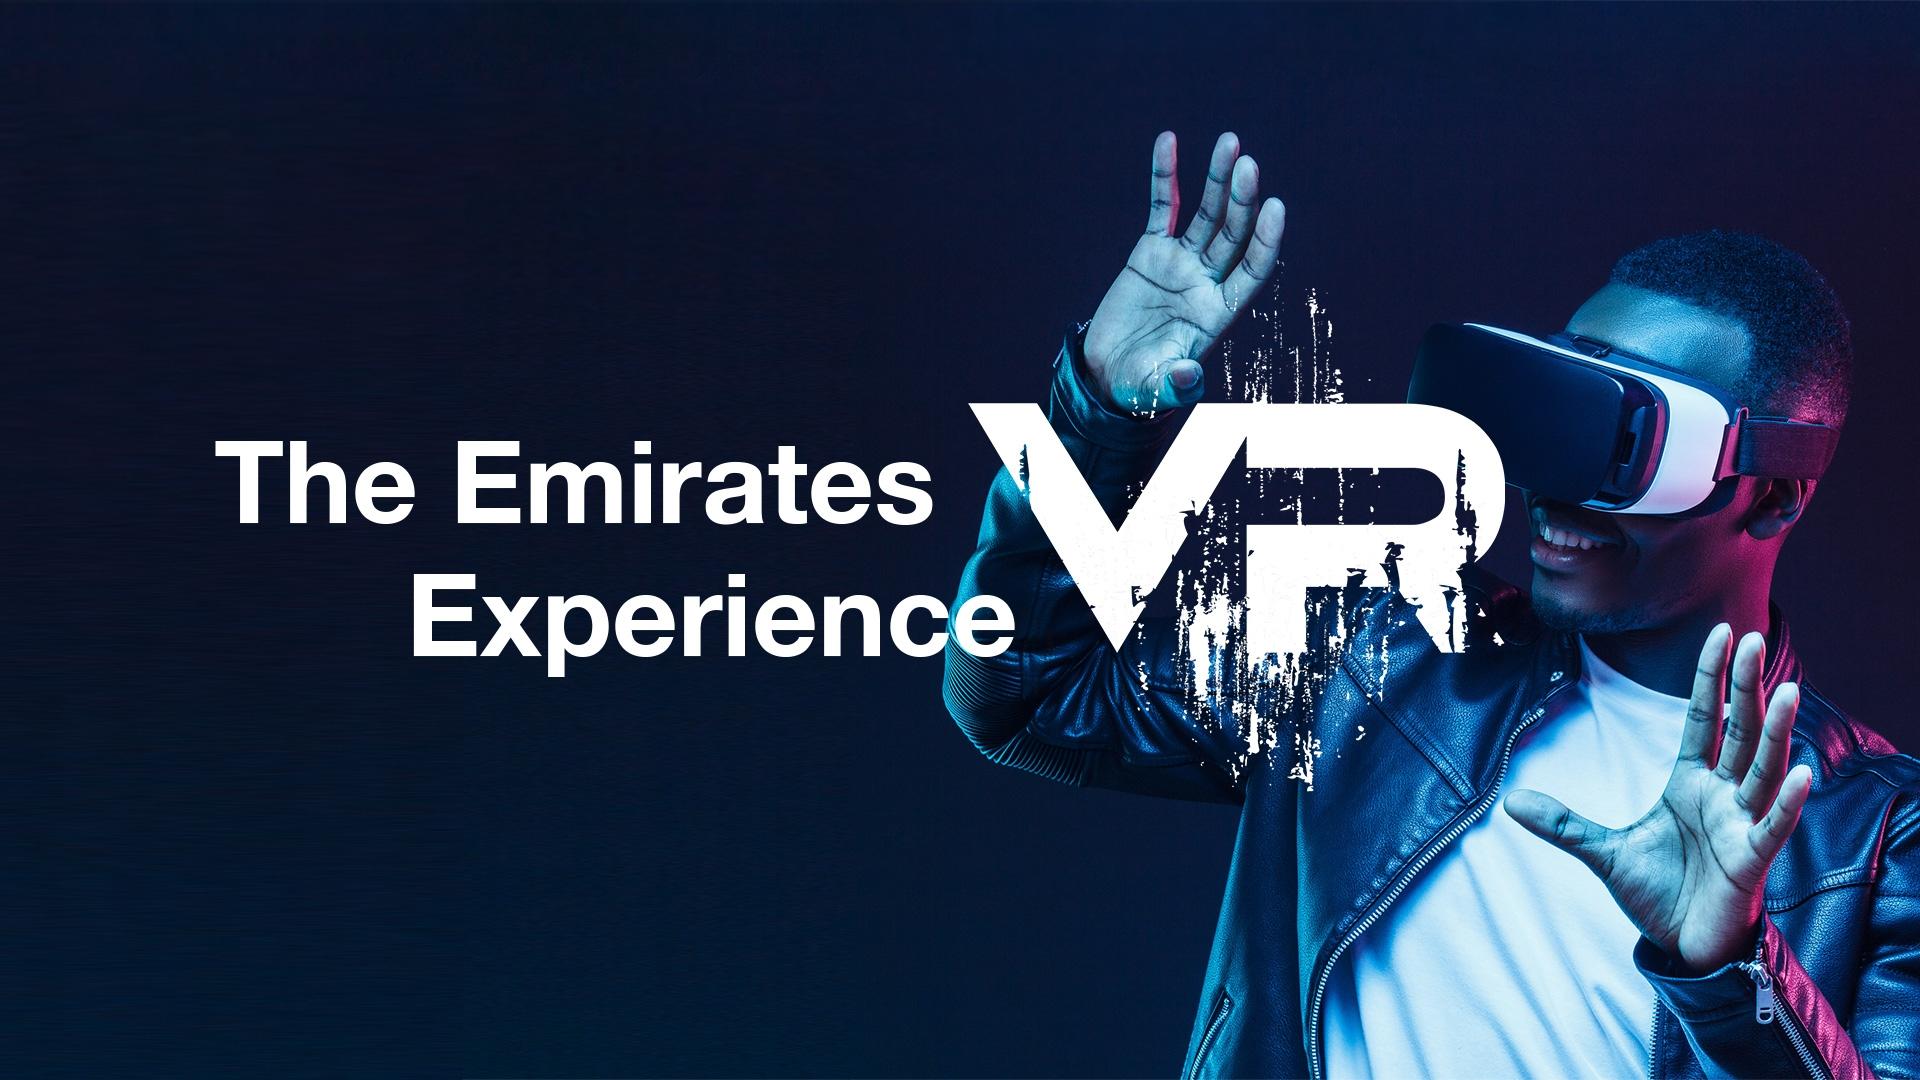 阿联酋航空在VR平台Oculus商店推出首个航司虚拟现实应用程序